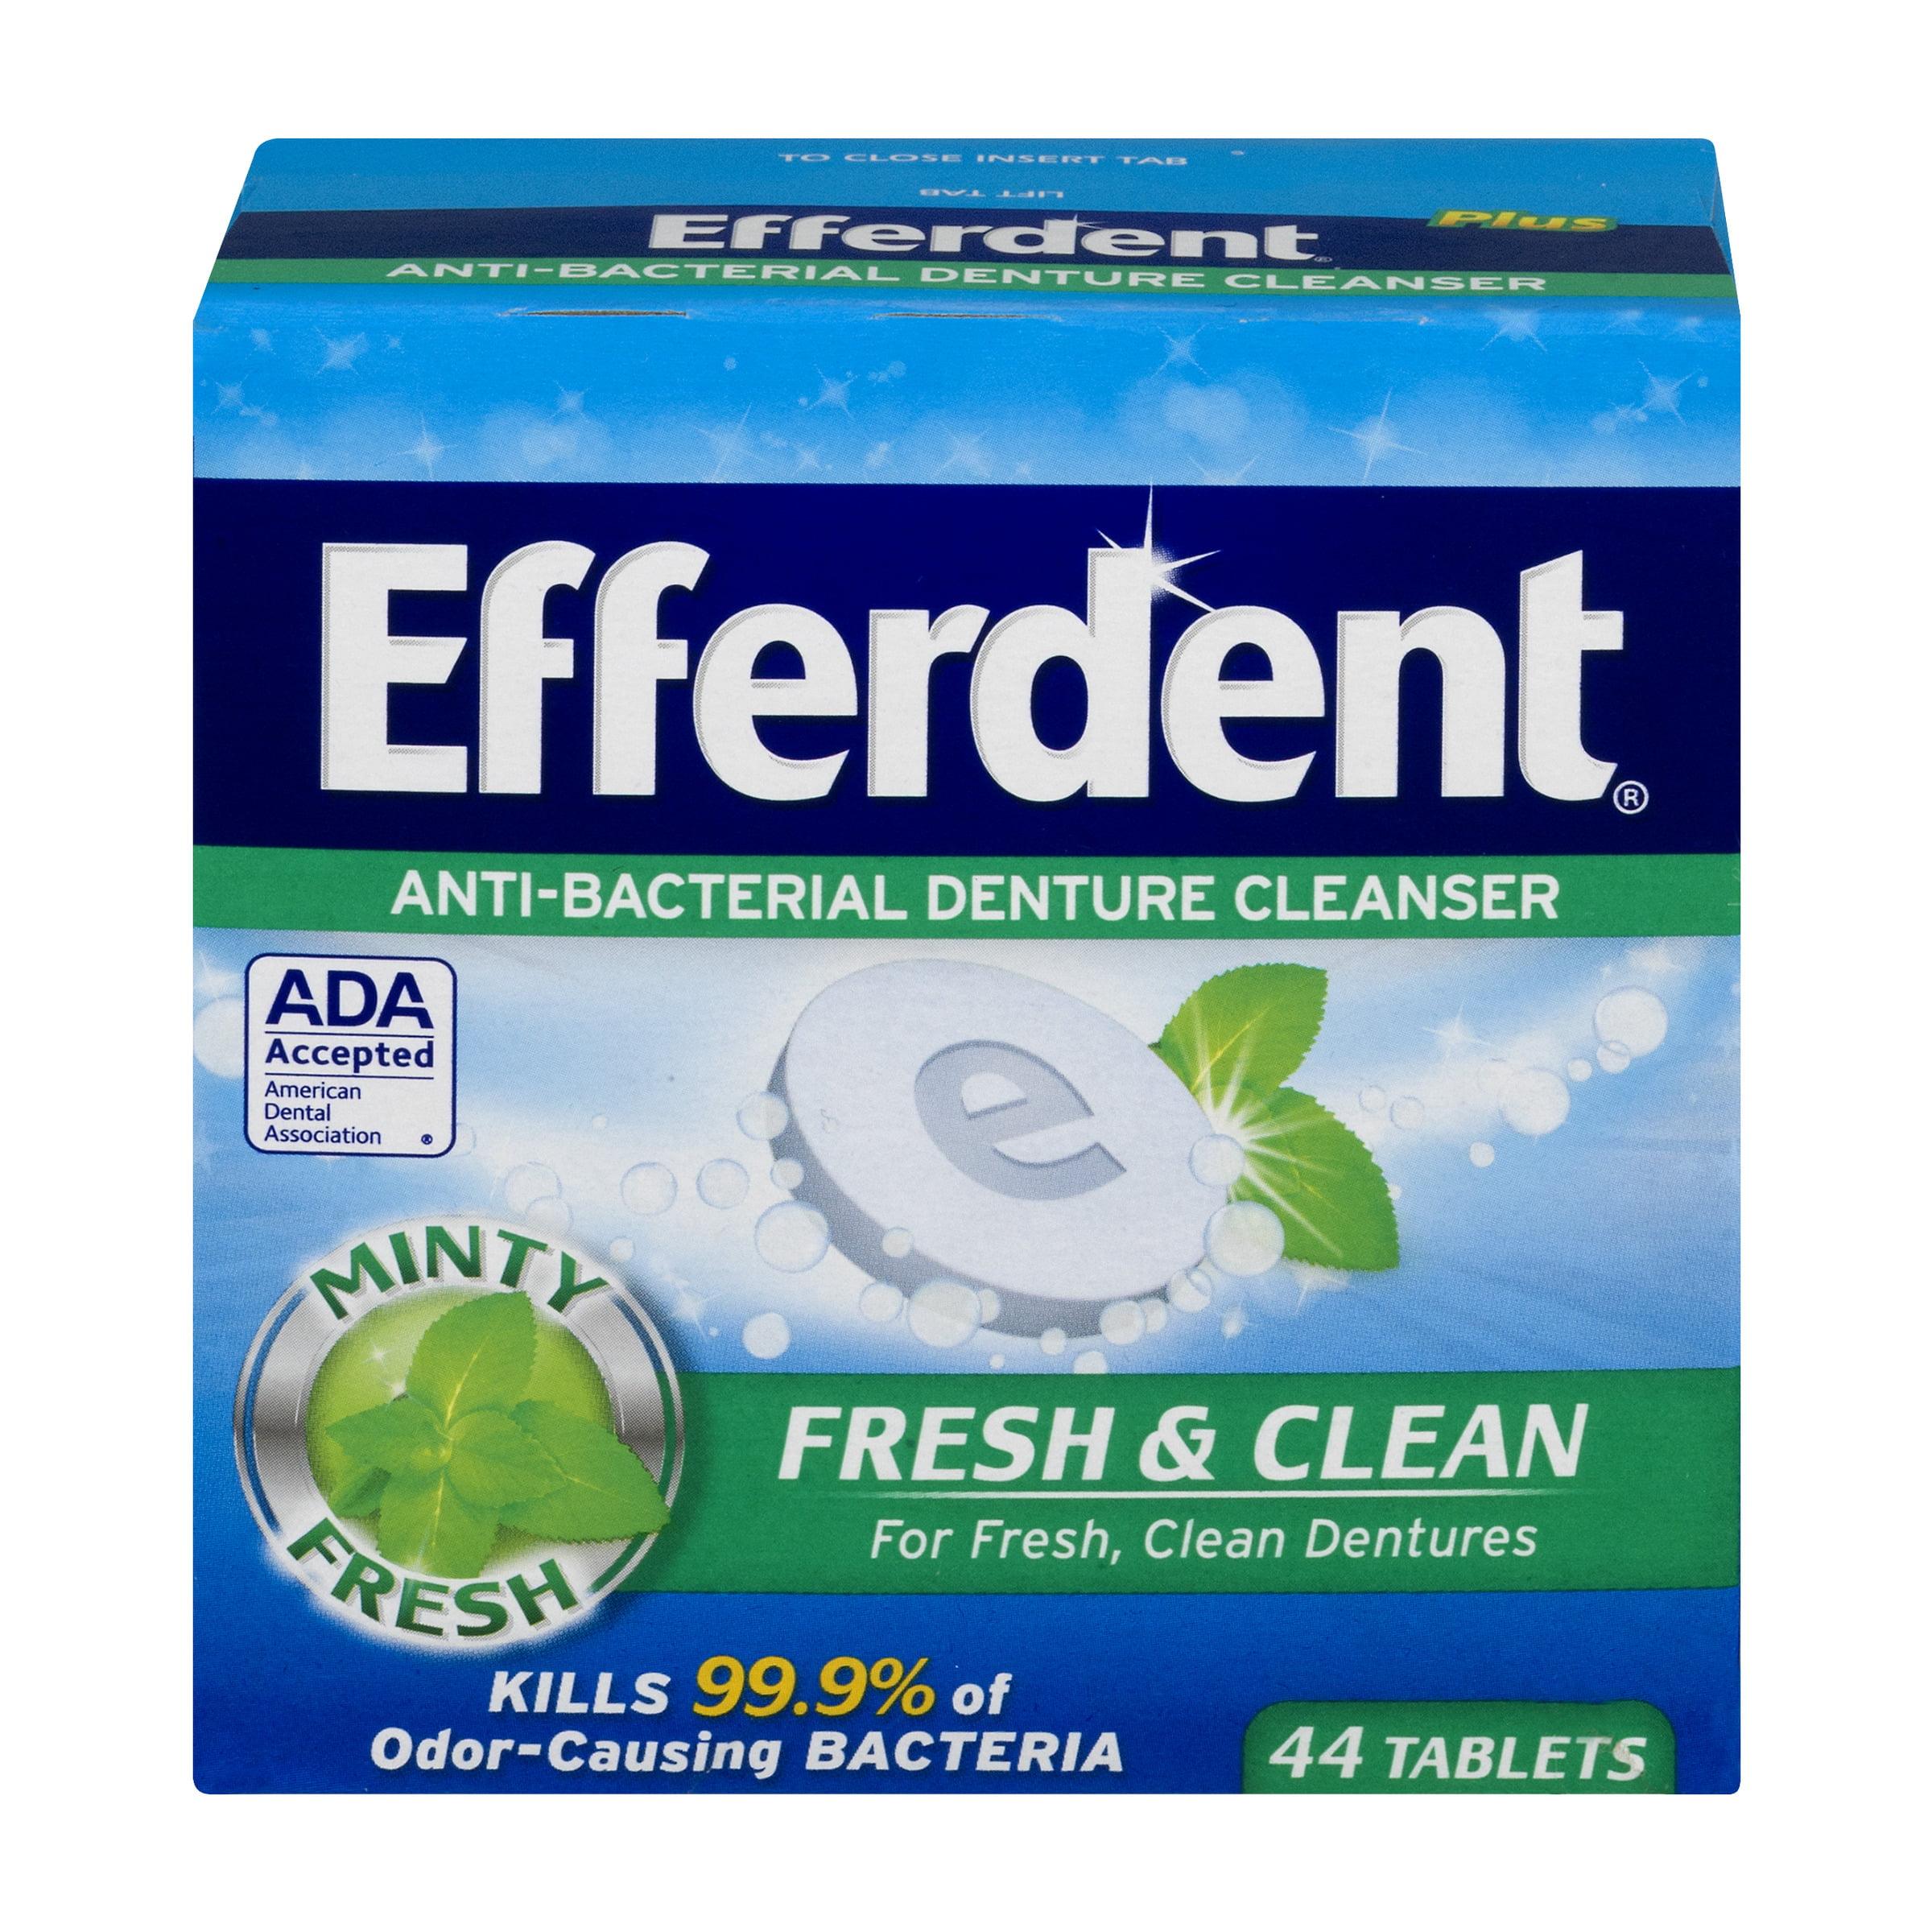 Efferdent Denture Cleanser, Plus Mint, Tablets, 44 Ct